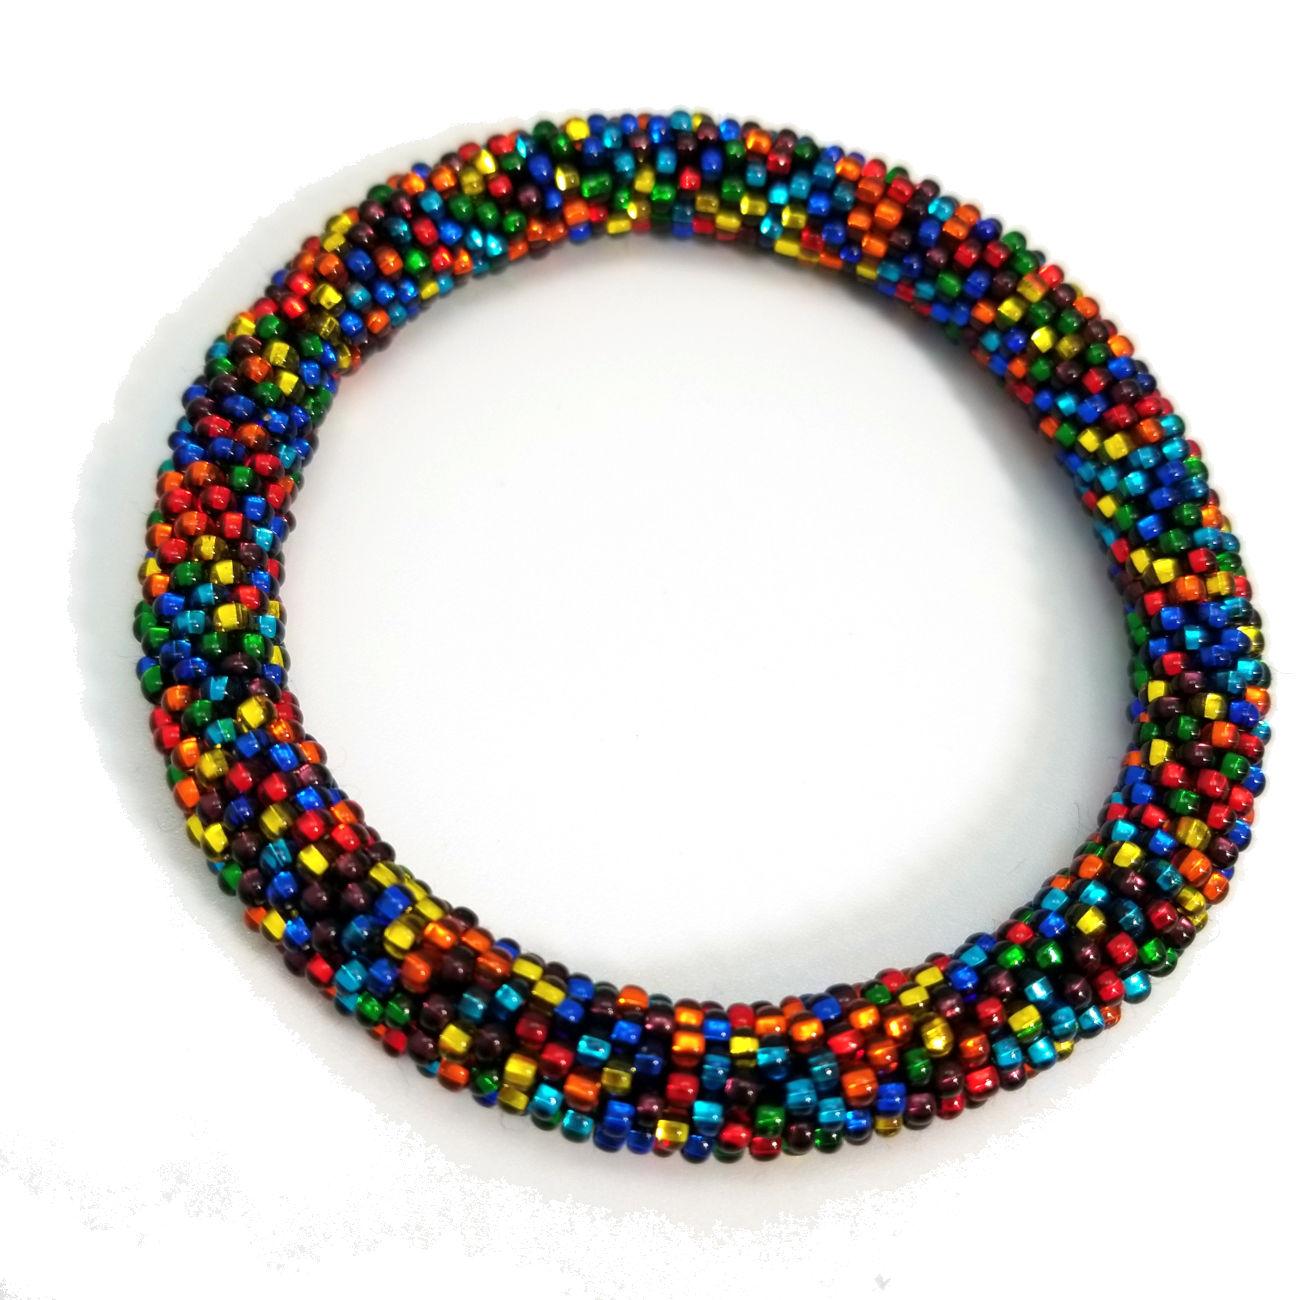 Czech glass multicolor seed bead roll-on bracelet